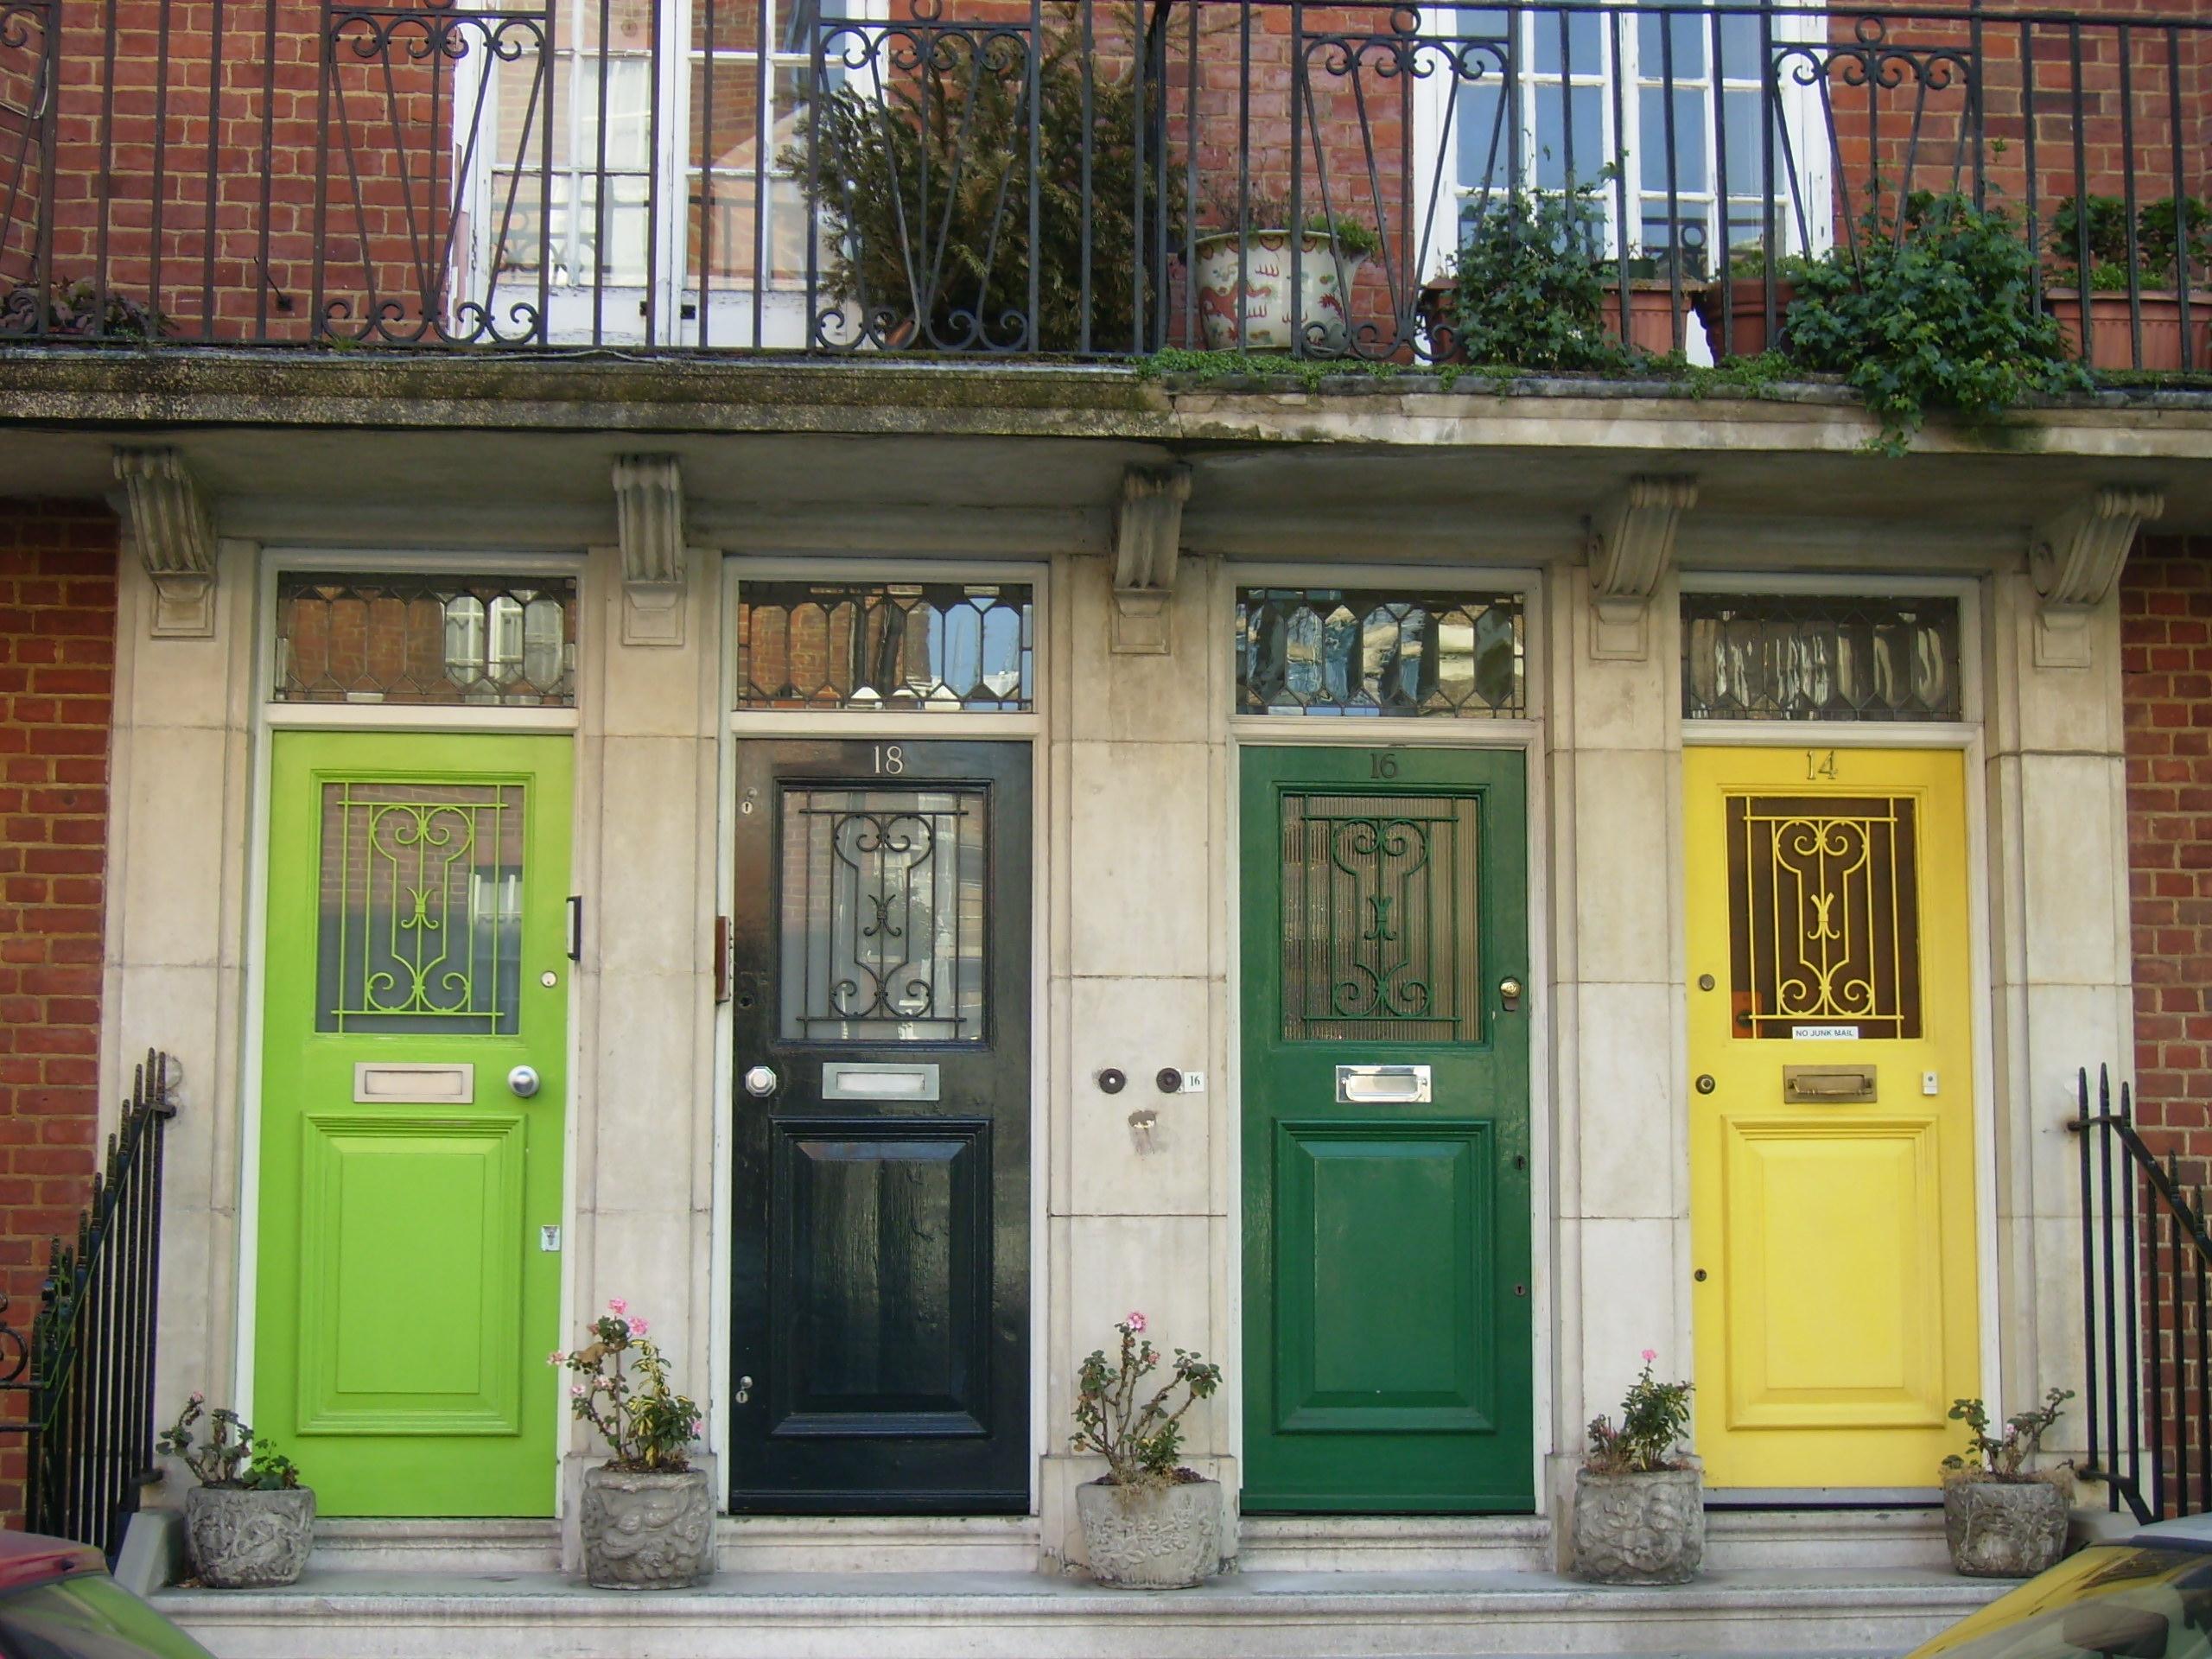 Decorate your doors! & Decorate your doors! : NICOLE COHEN